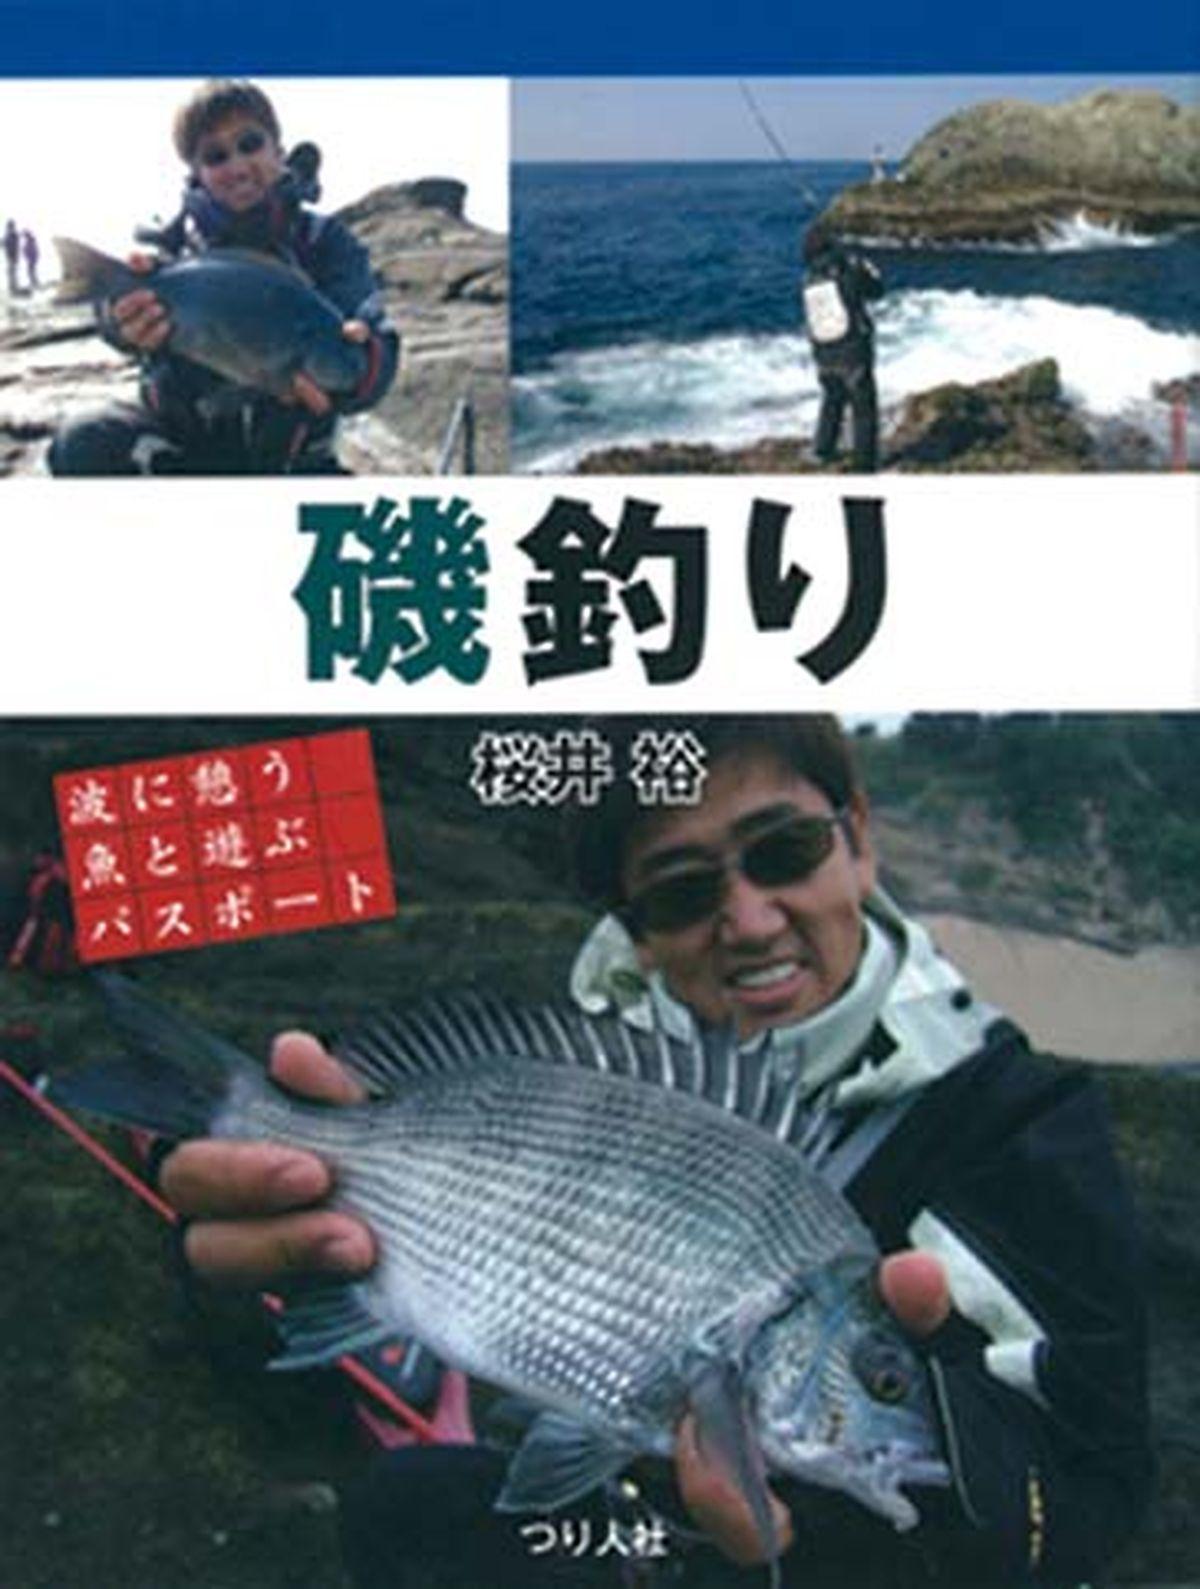 120_123_tsuyumejina_cs6 (18)